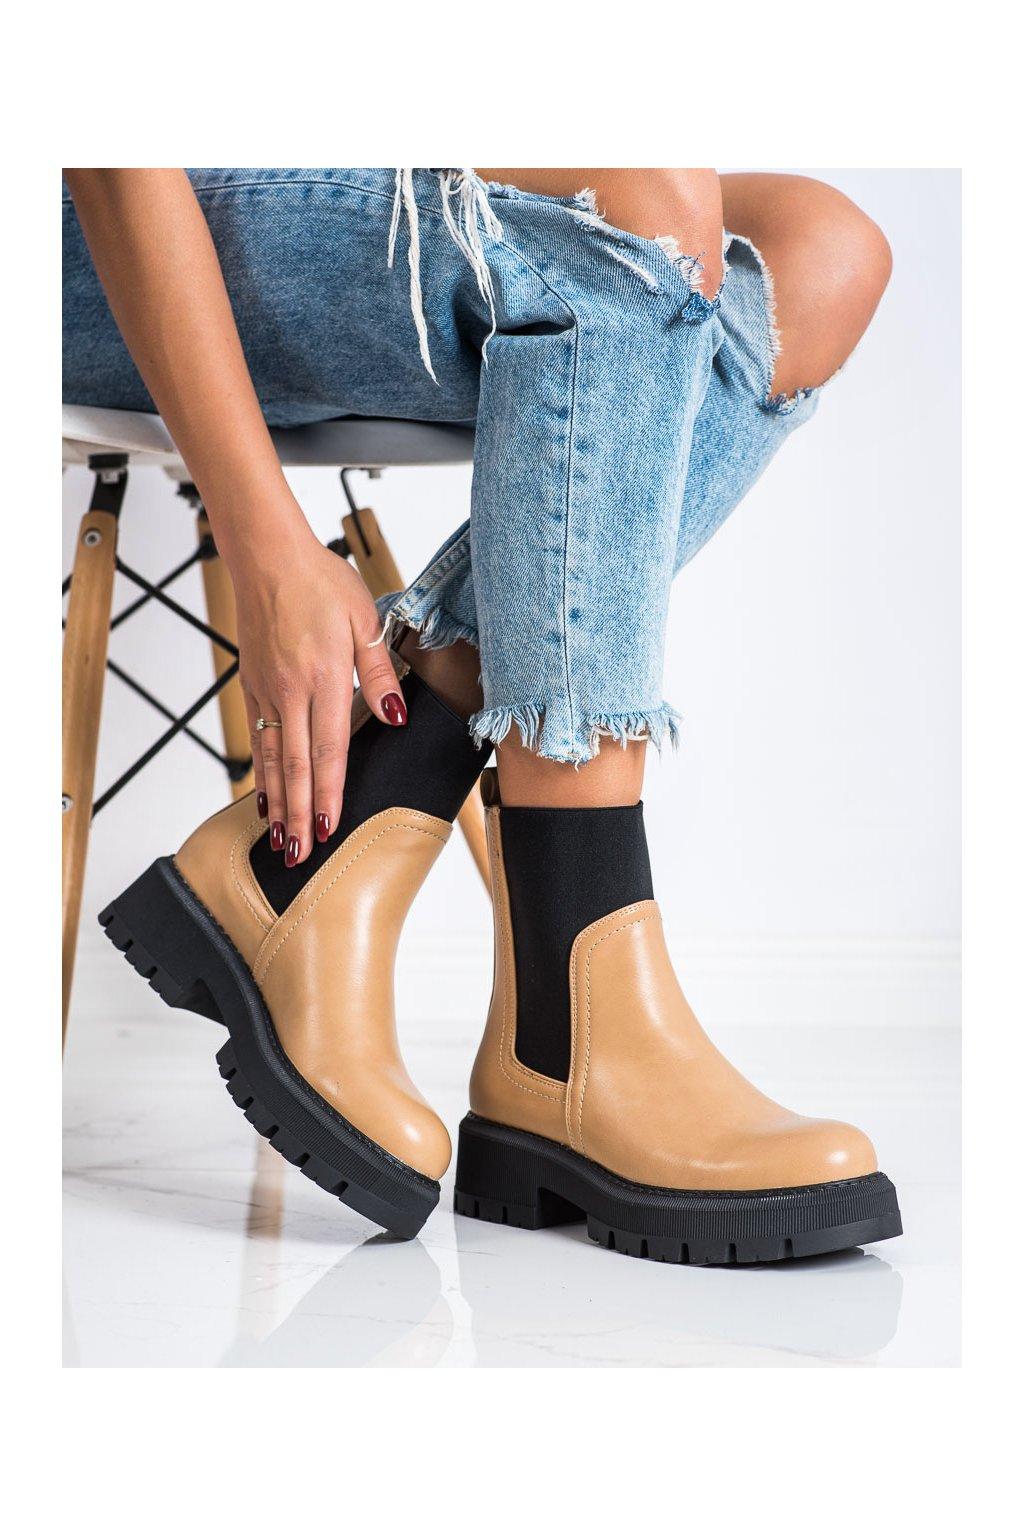 Hnedé dámske topánky Seastar kod YK17C